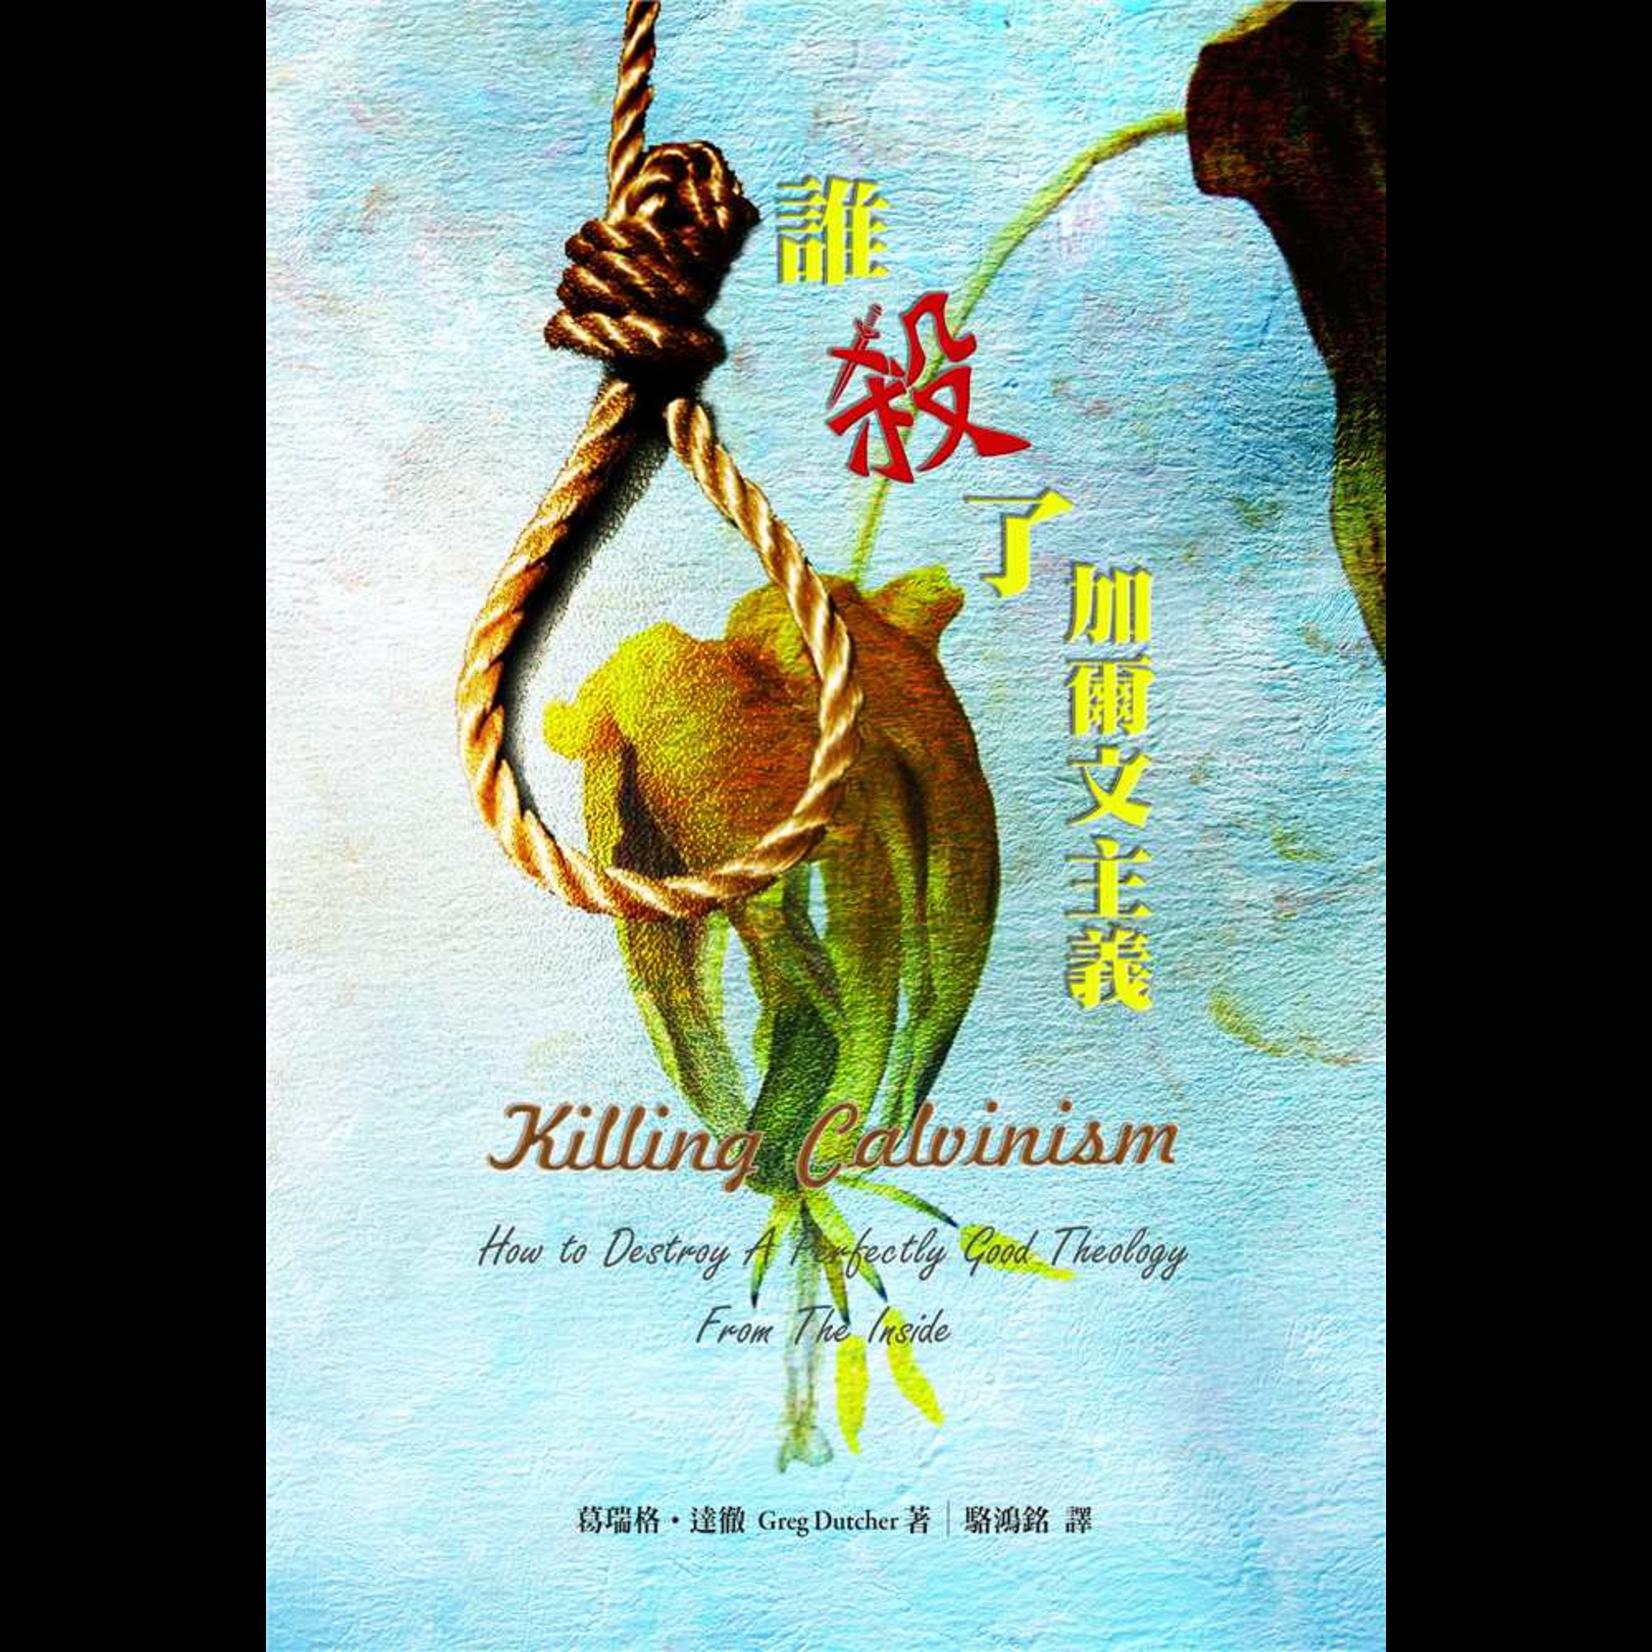 改革宗 Reformation Translation Fellowship Press 誰殺了加爾文主義:怎樣摧毀一個完美的神學 Killing Calvinism: How To Destroy A Perfectly Good Theology From The Inside